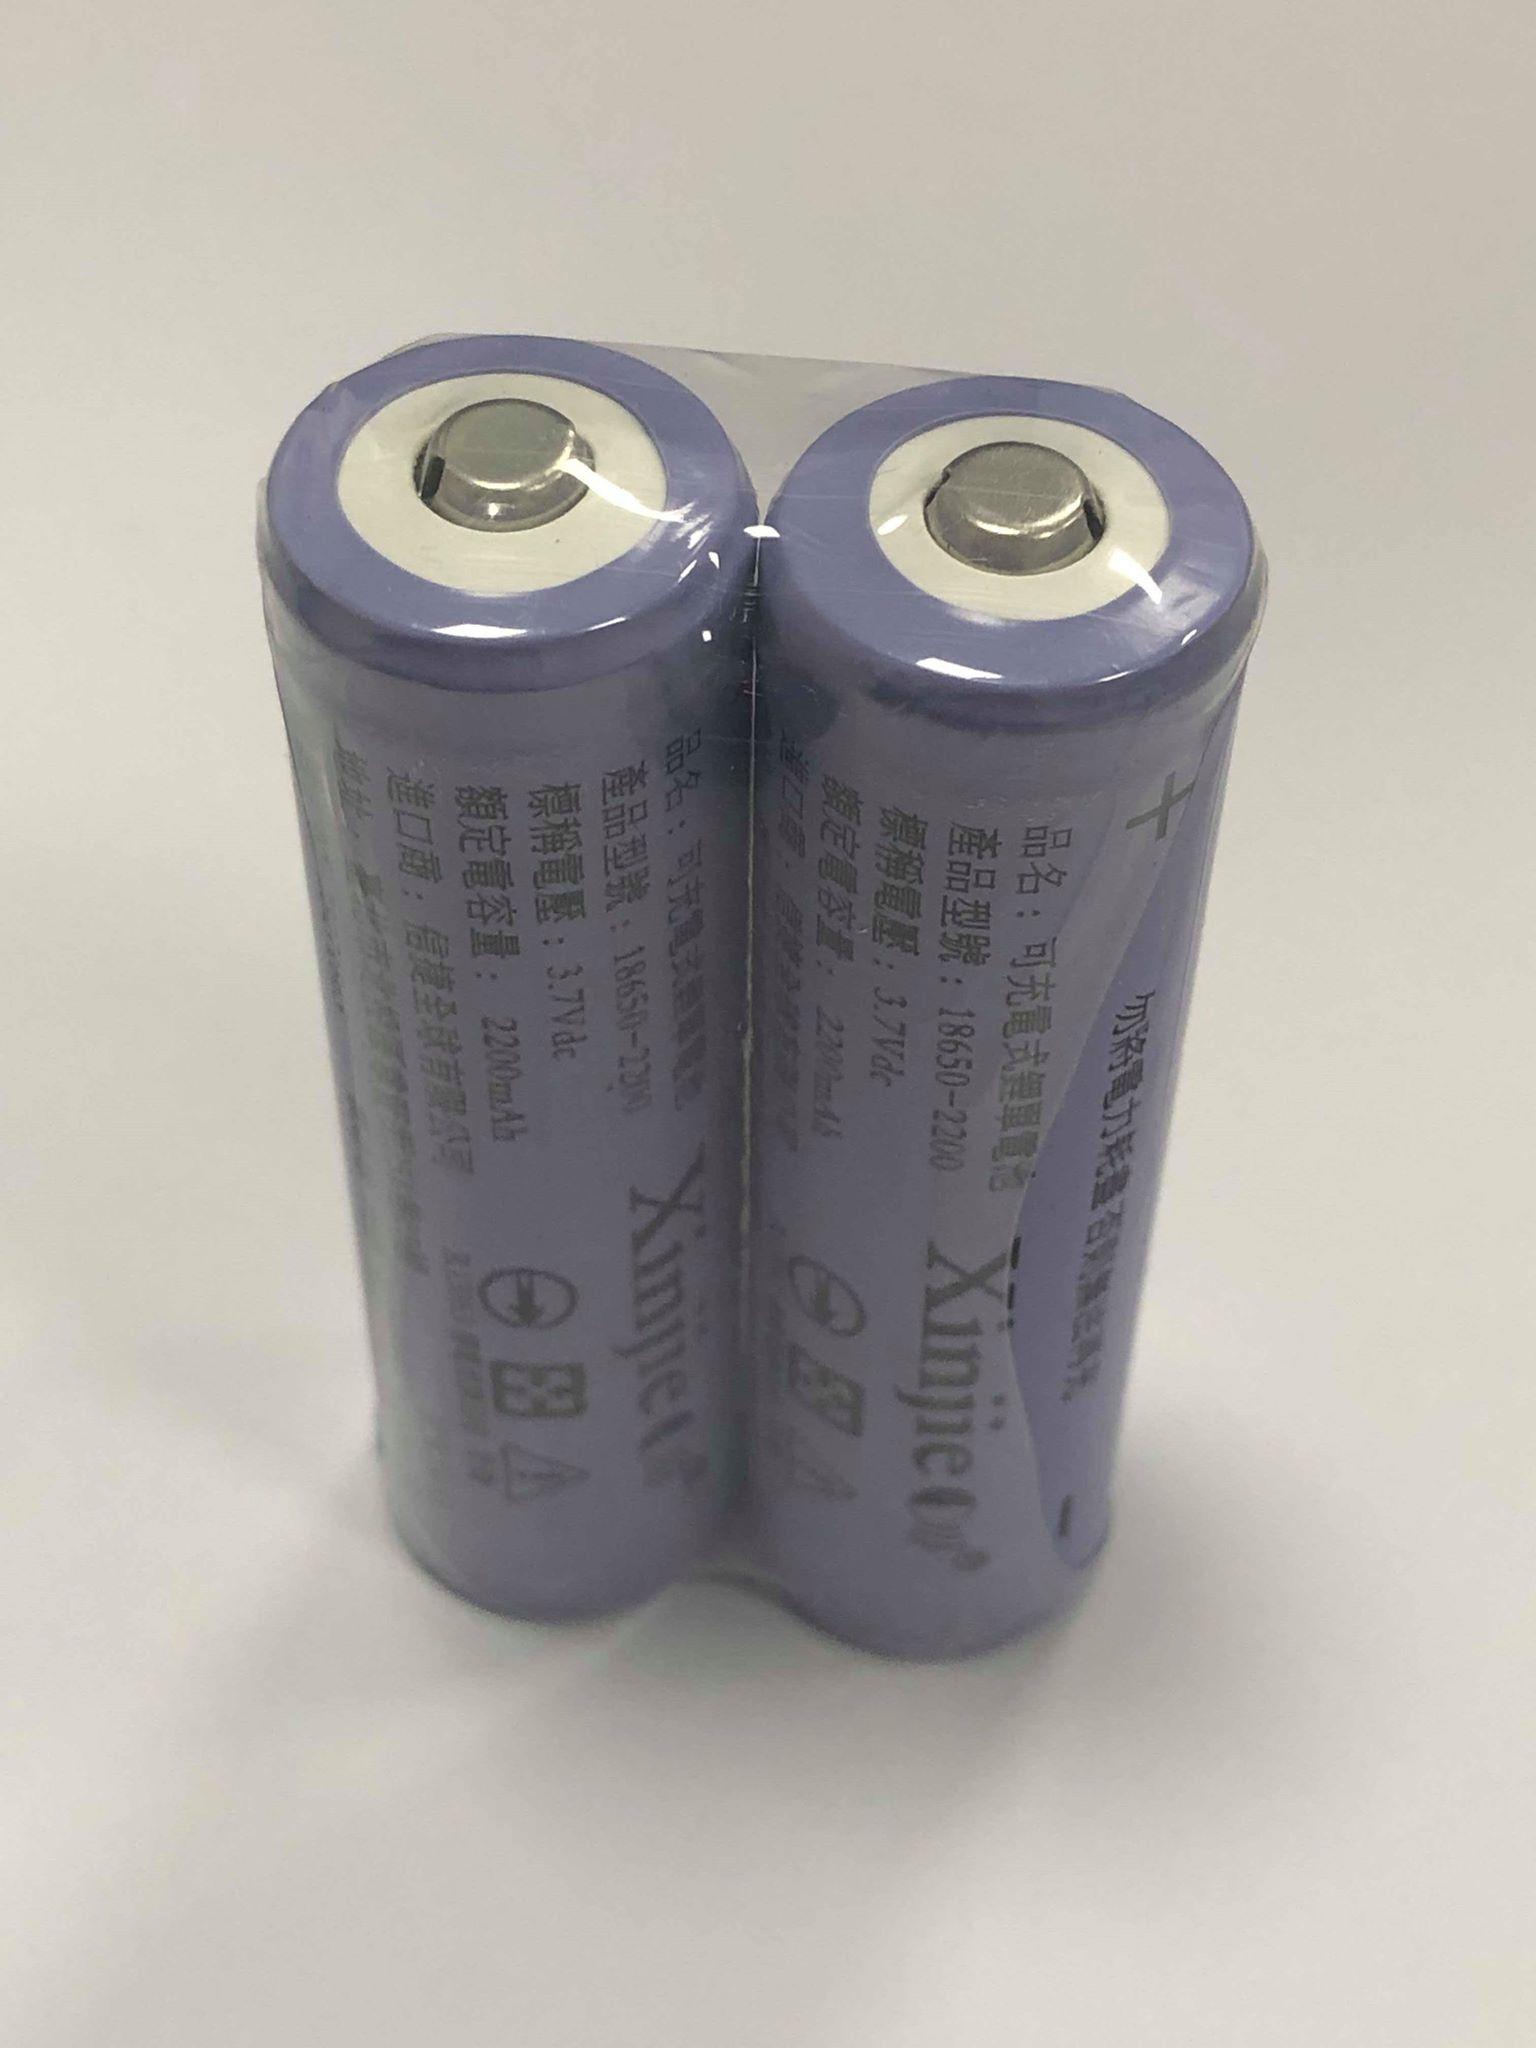 高品質18650鋰電池 2200 mAh容量 3.7V電壓 手電筒電池 頭燈電池 非回收電池